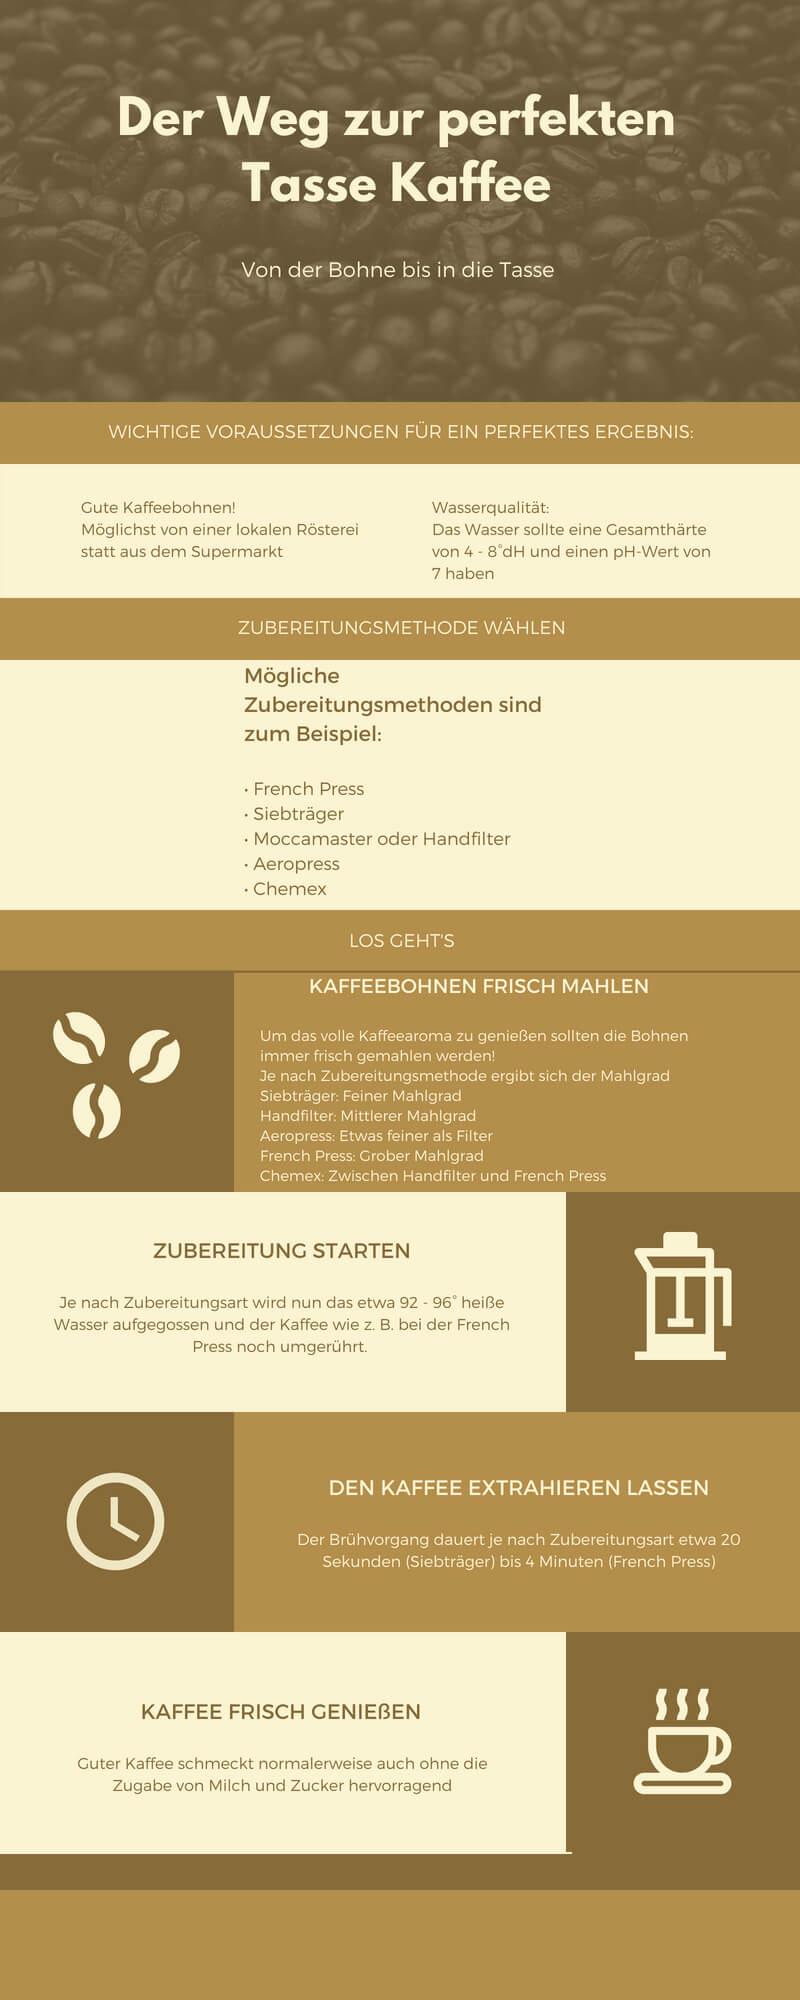 Der Weg zum perfekten Kaffee Grafik